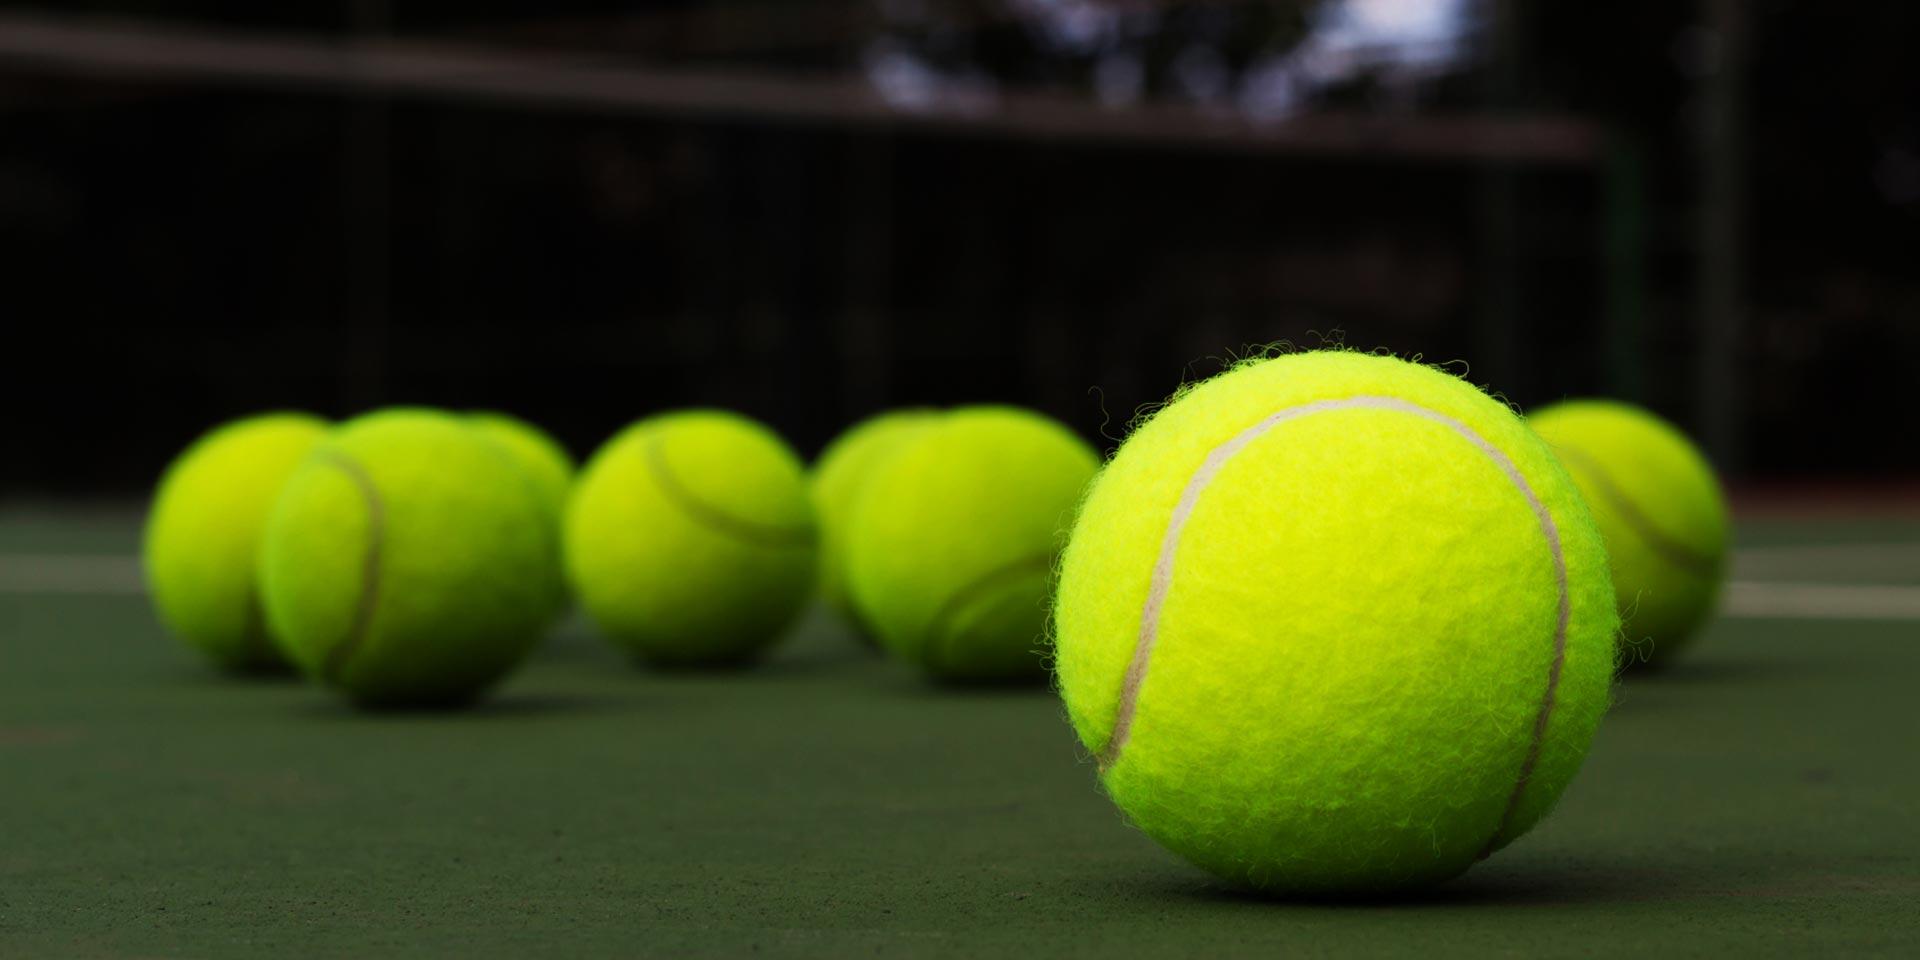 Fantastisk Tennisbolde - Markedets bedste tennisbold - Sportsway FS69